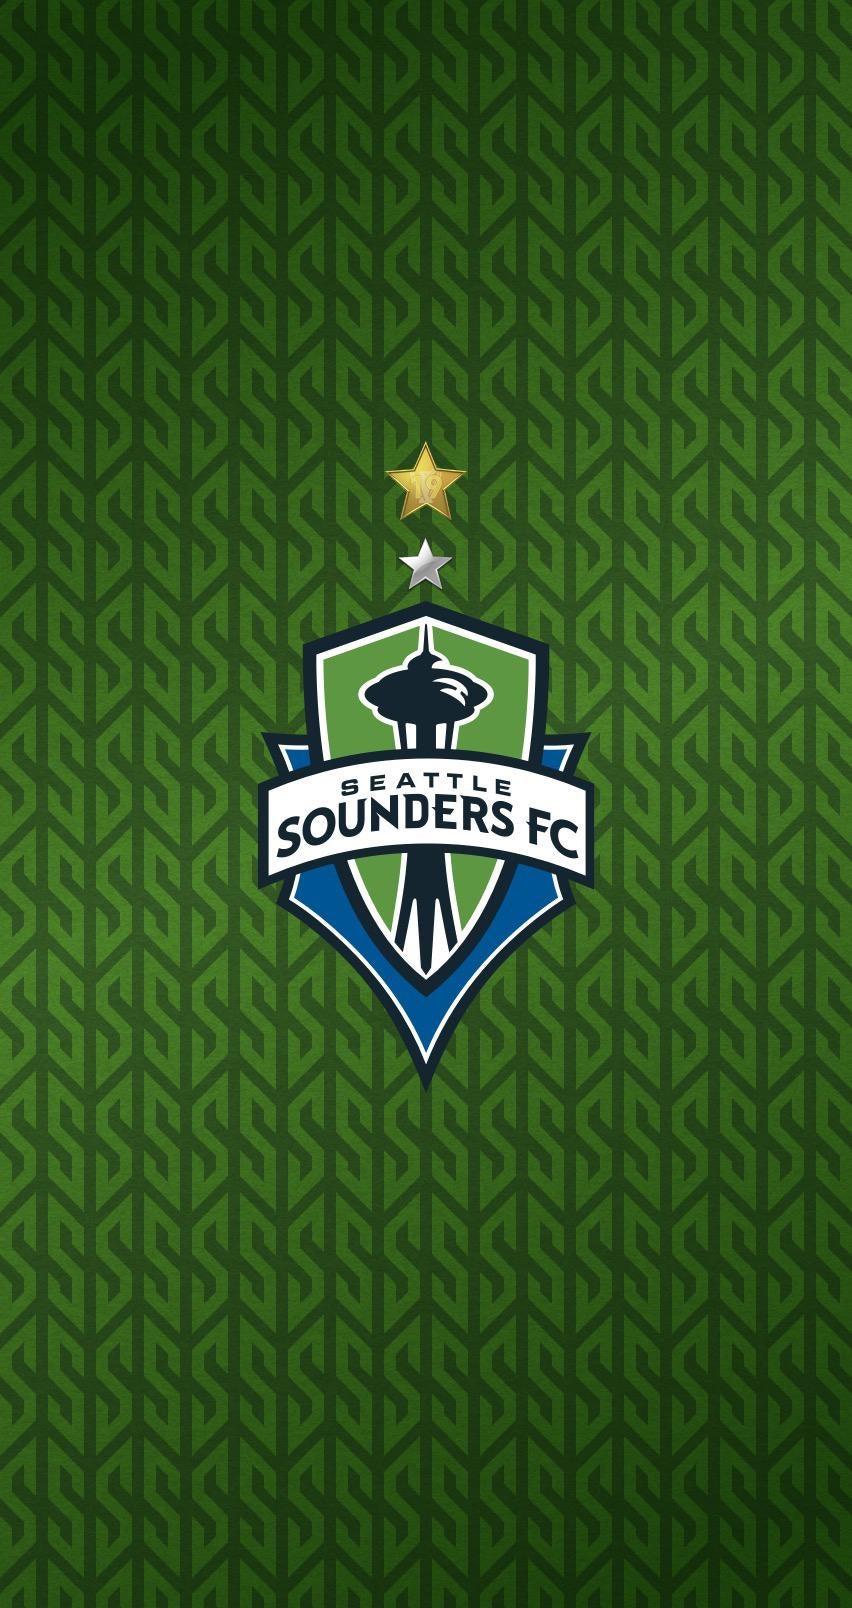 2019 MLS Cup Wallpapers SoundersFC 852x1608